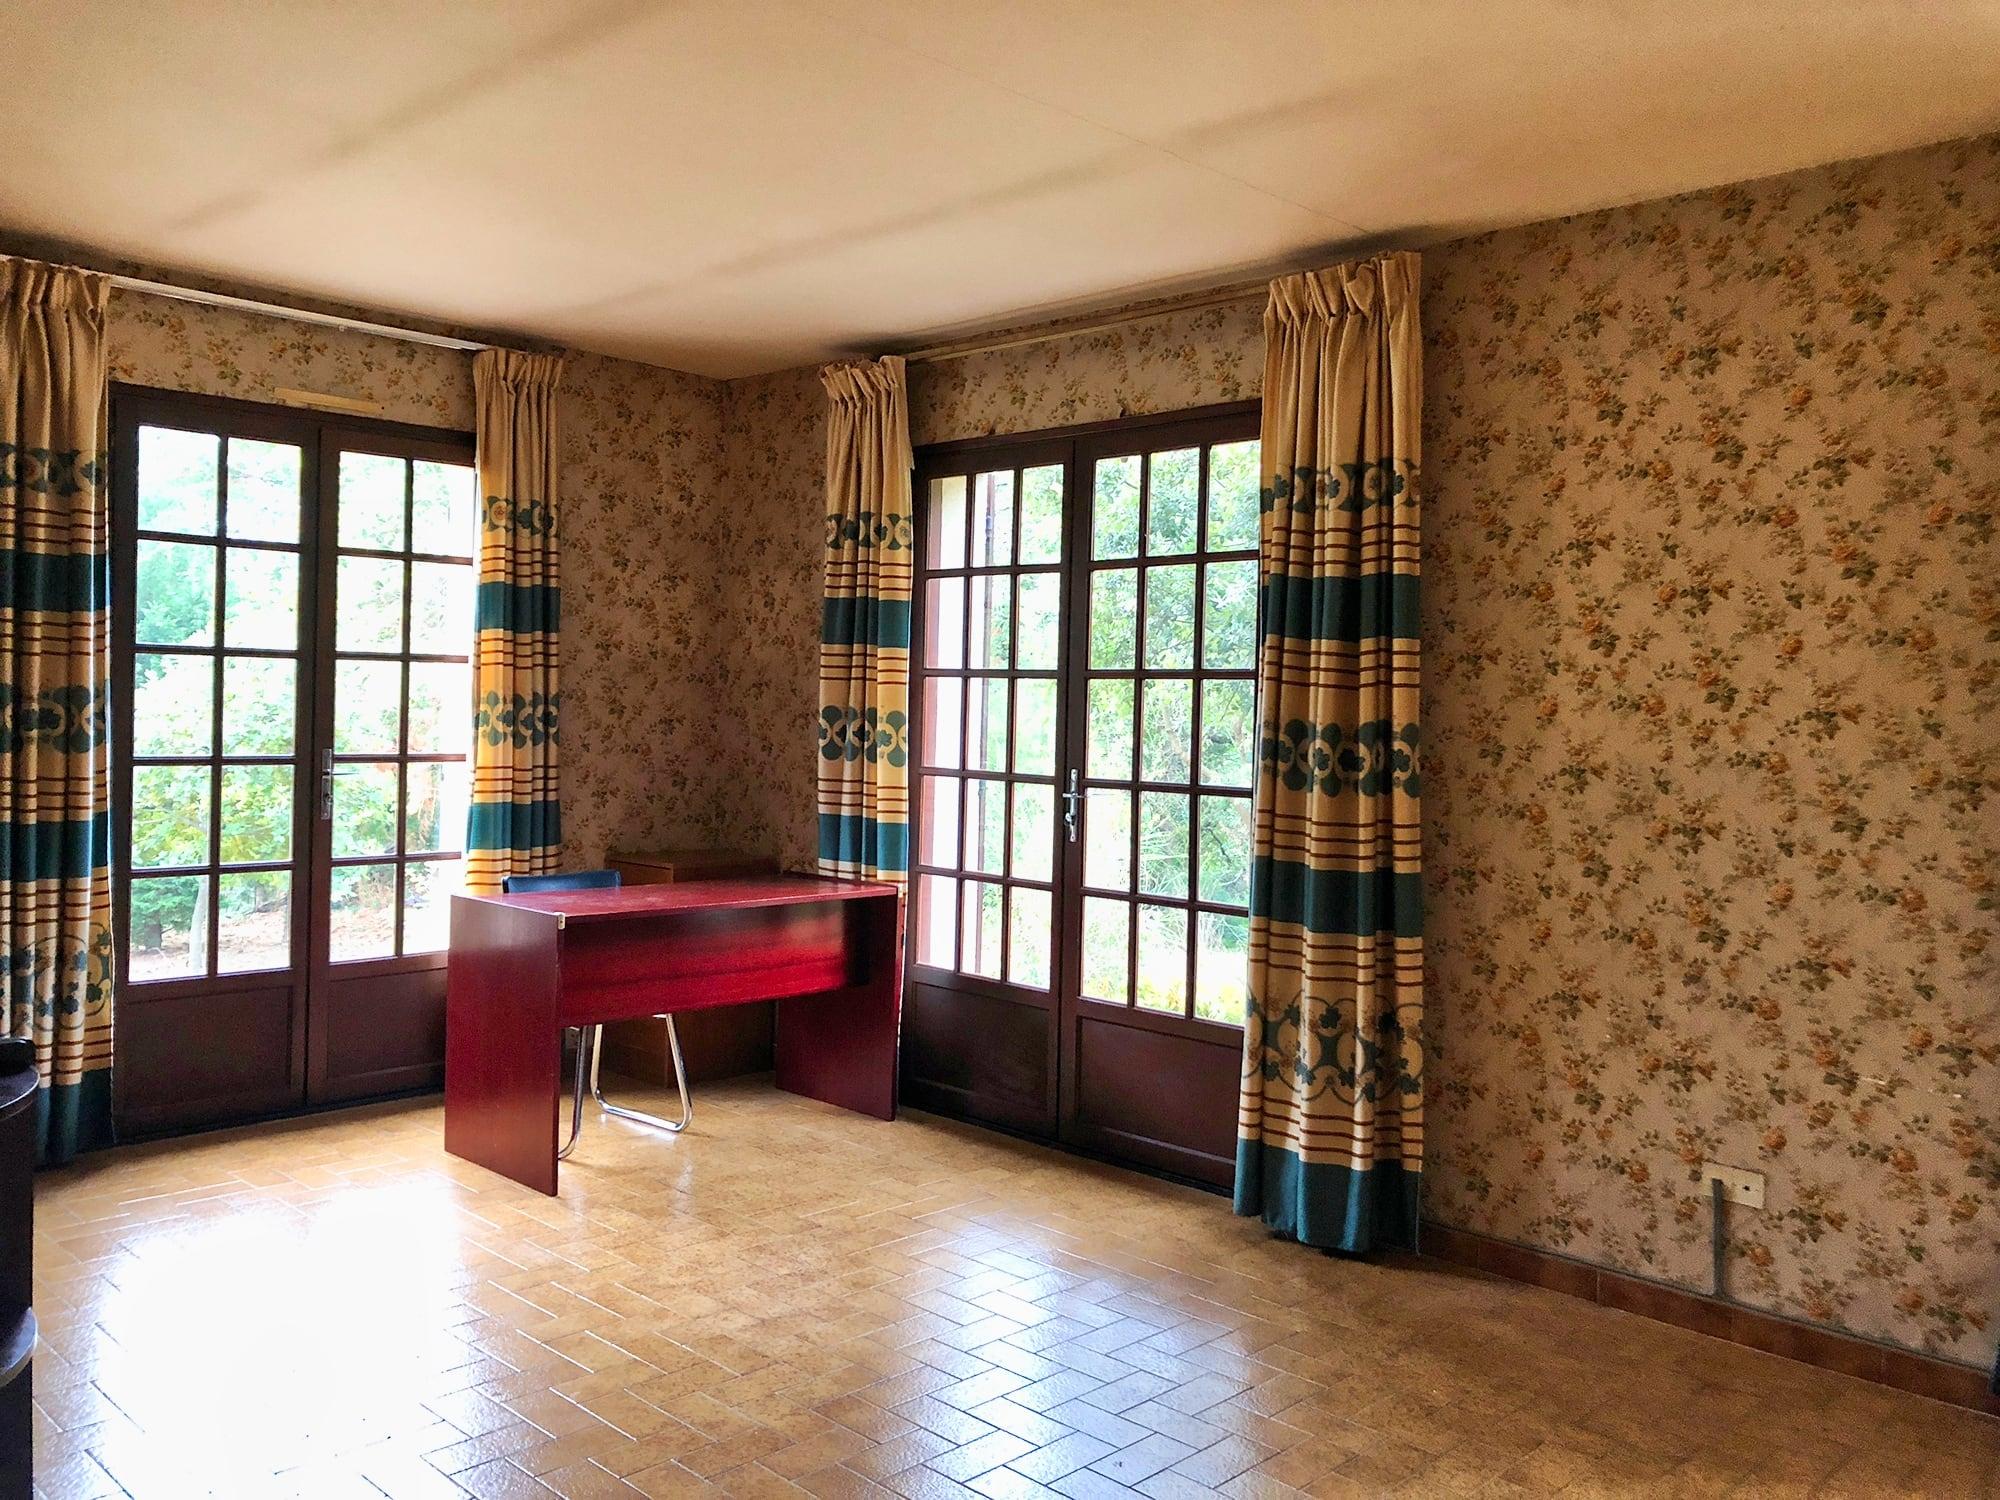 Maison-a-vendre-cevennes-interieur-02 modif.jpeg